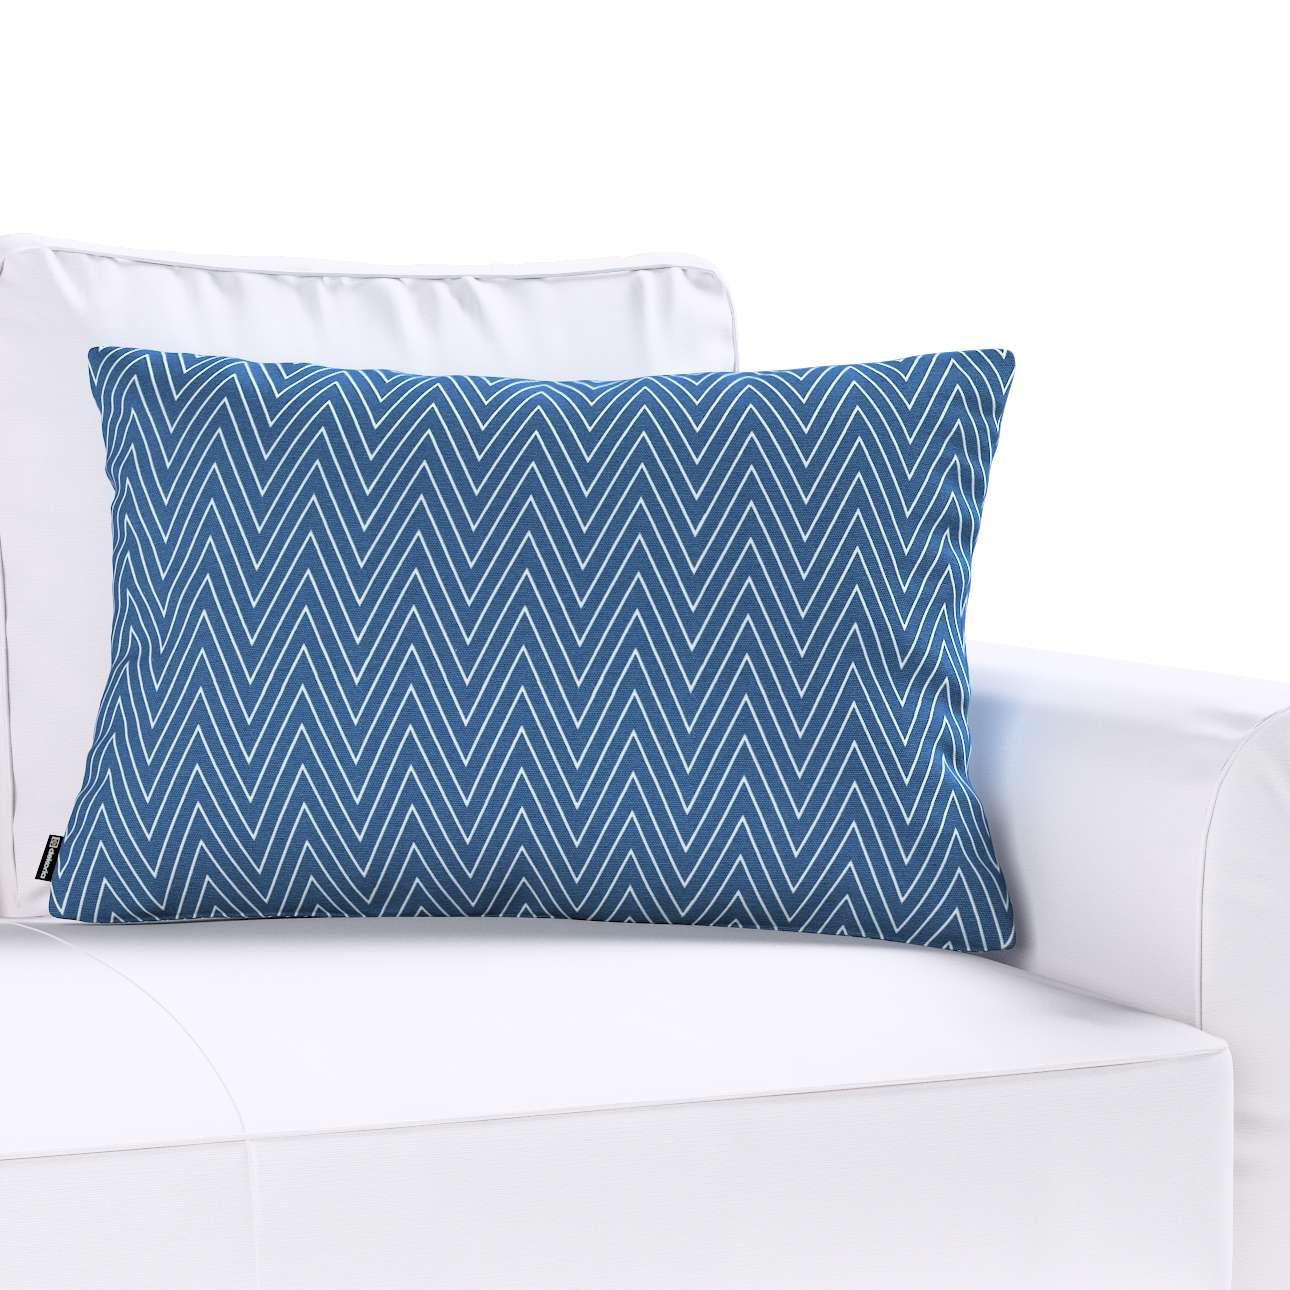 Kinga dekoratyvinės pagalvėlės užvalkalas 60x40cm 60 × 40 cm kolekcijoje Brooklyn, audinys: 137-88